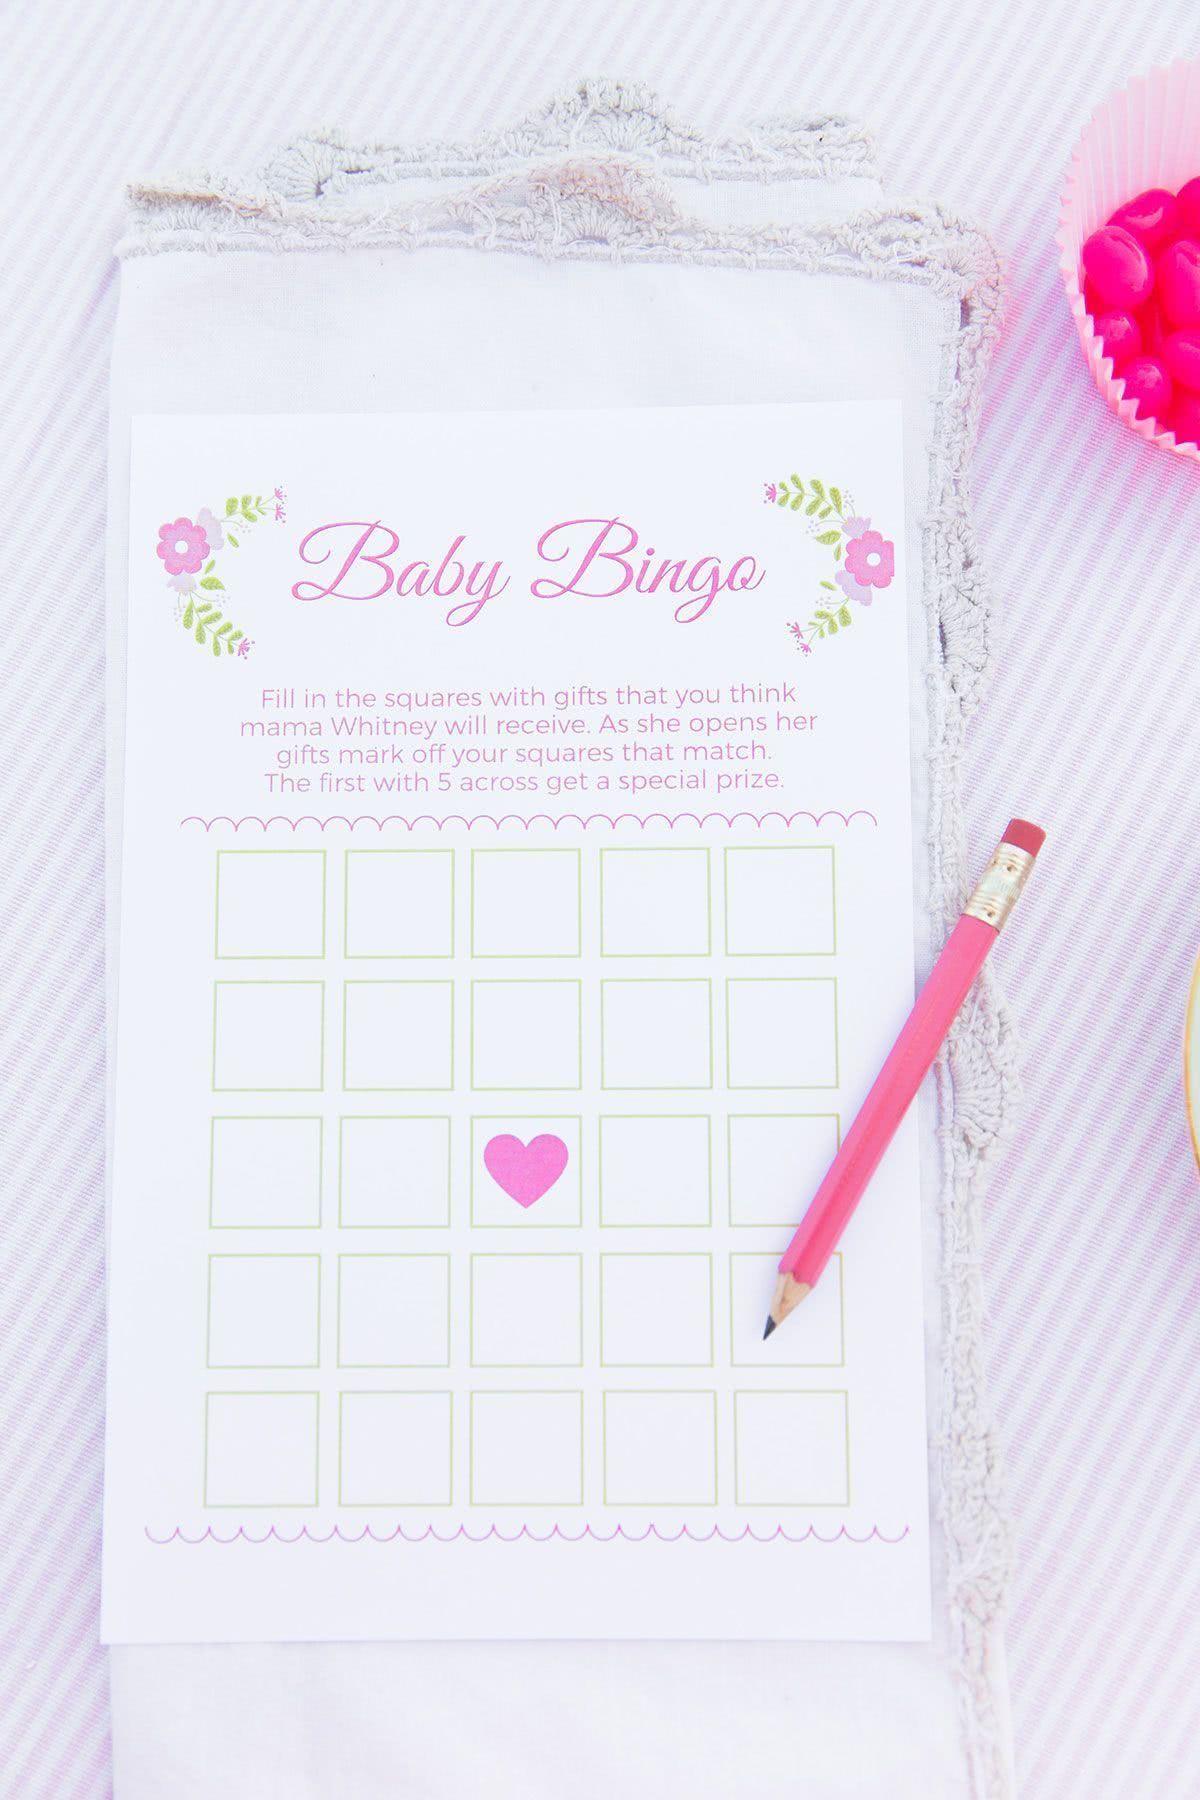 Para quem quer decorar um chá de bebê com muito estilo — conheça 70 ideias selecionadas para acertar na decoração deste evento tão especial.